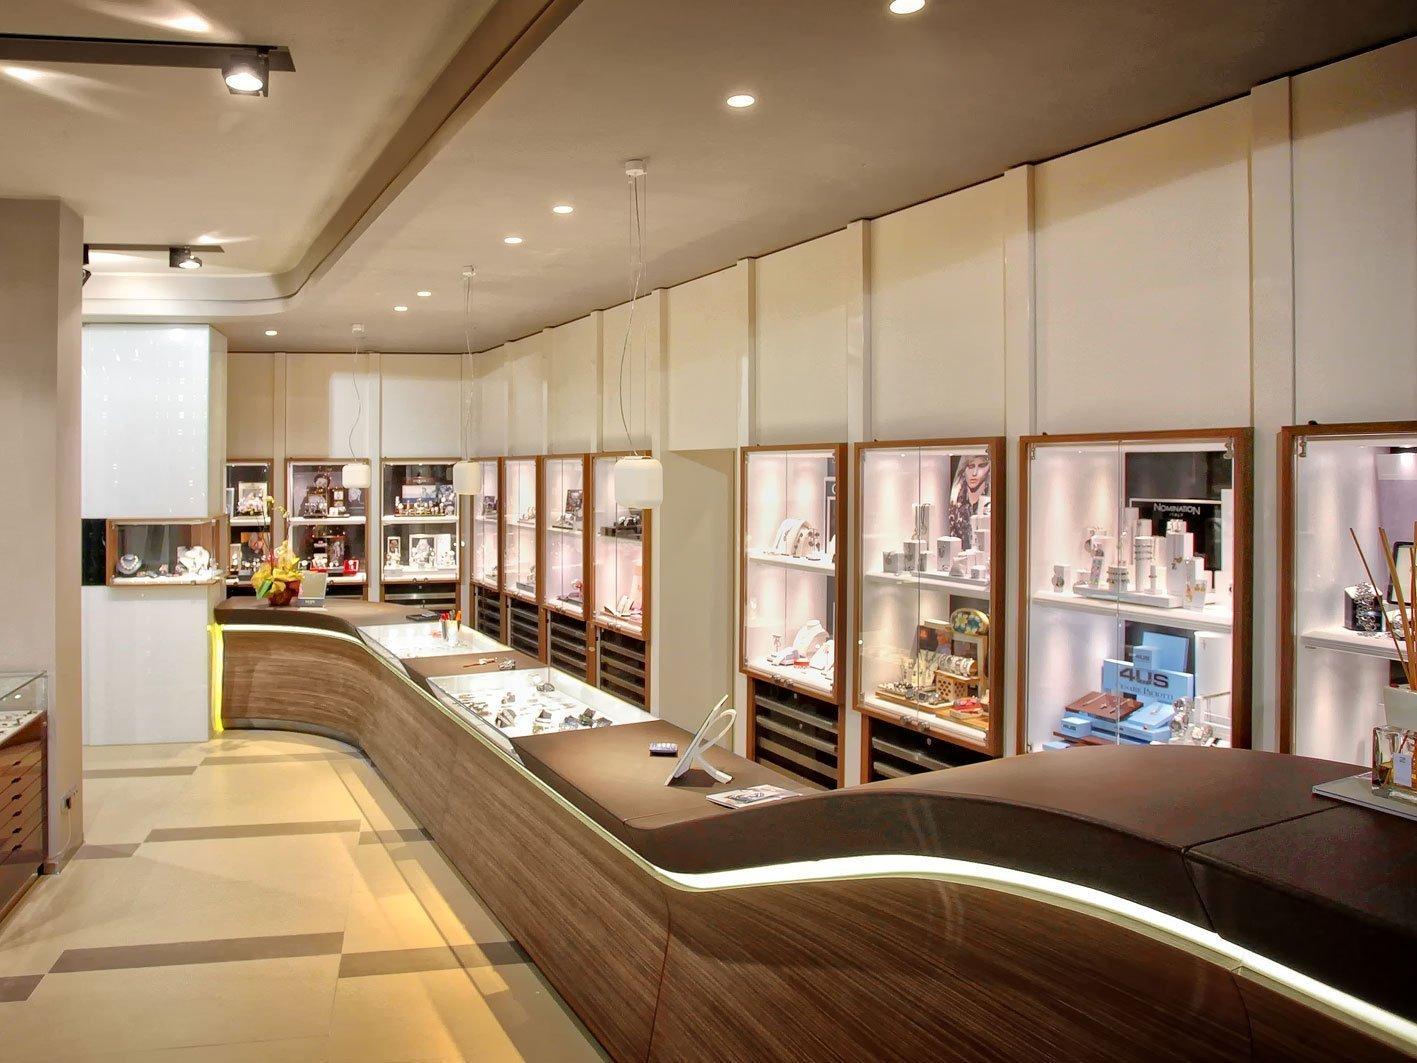 Gioielleria cozzari amlab oltre i luoghi comuni - Progetti di interior design ...